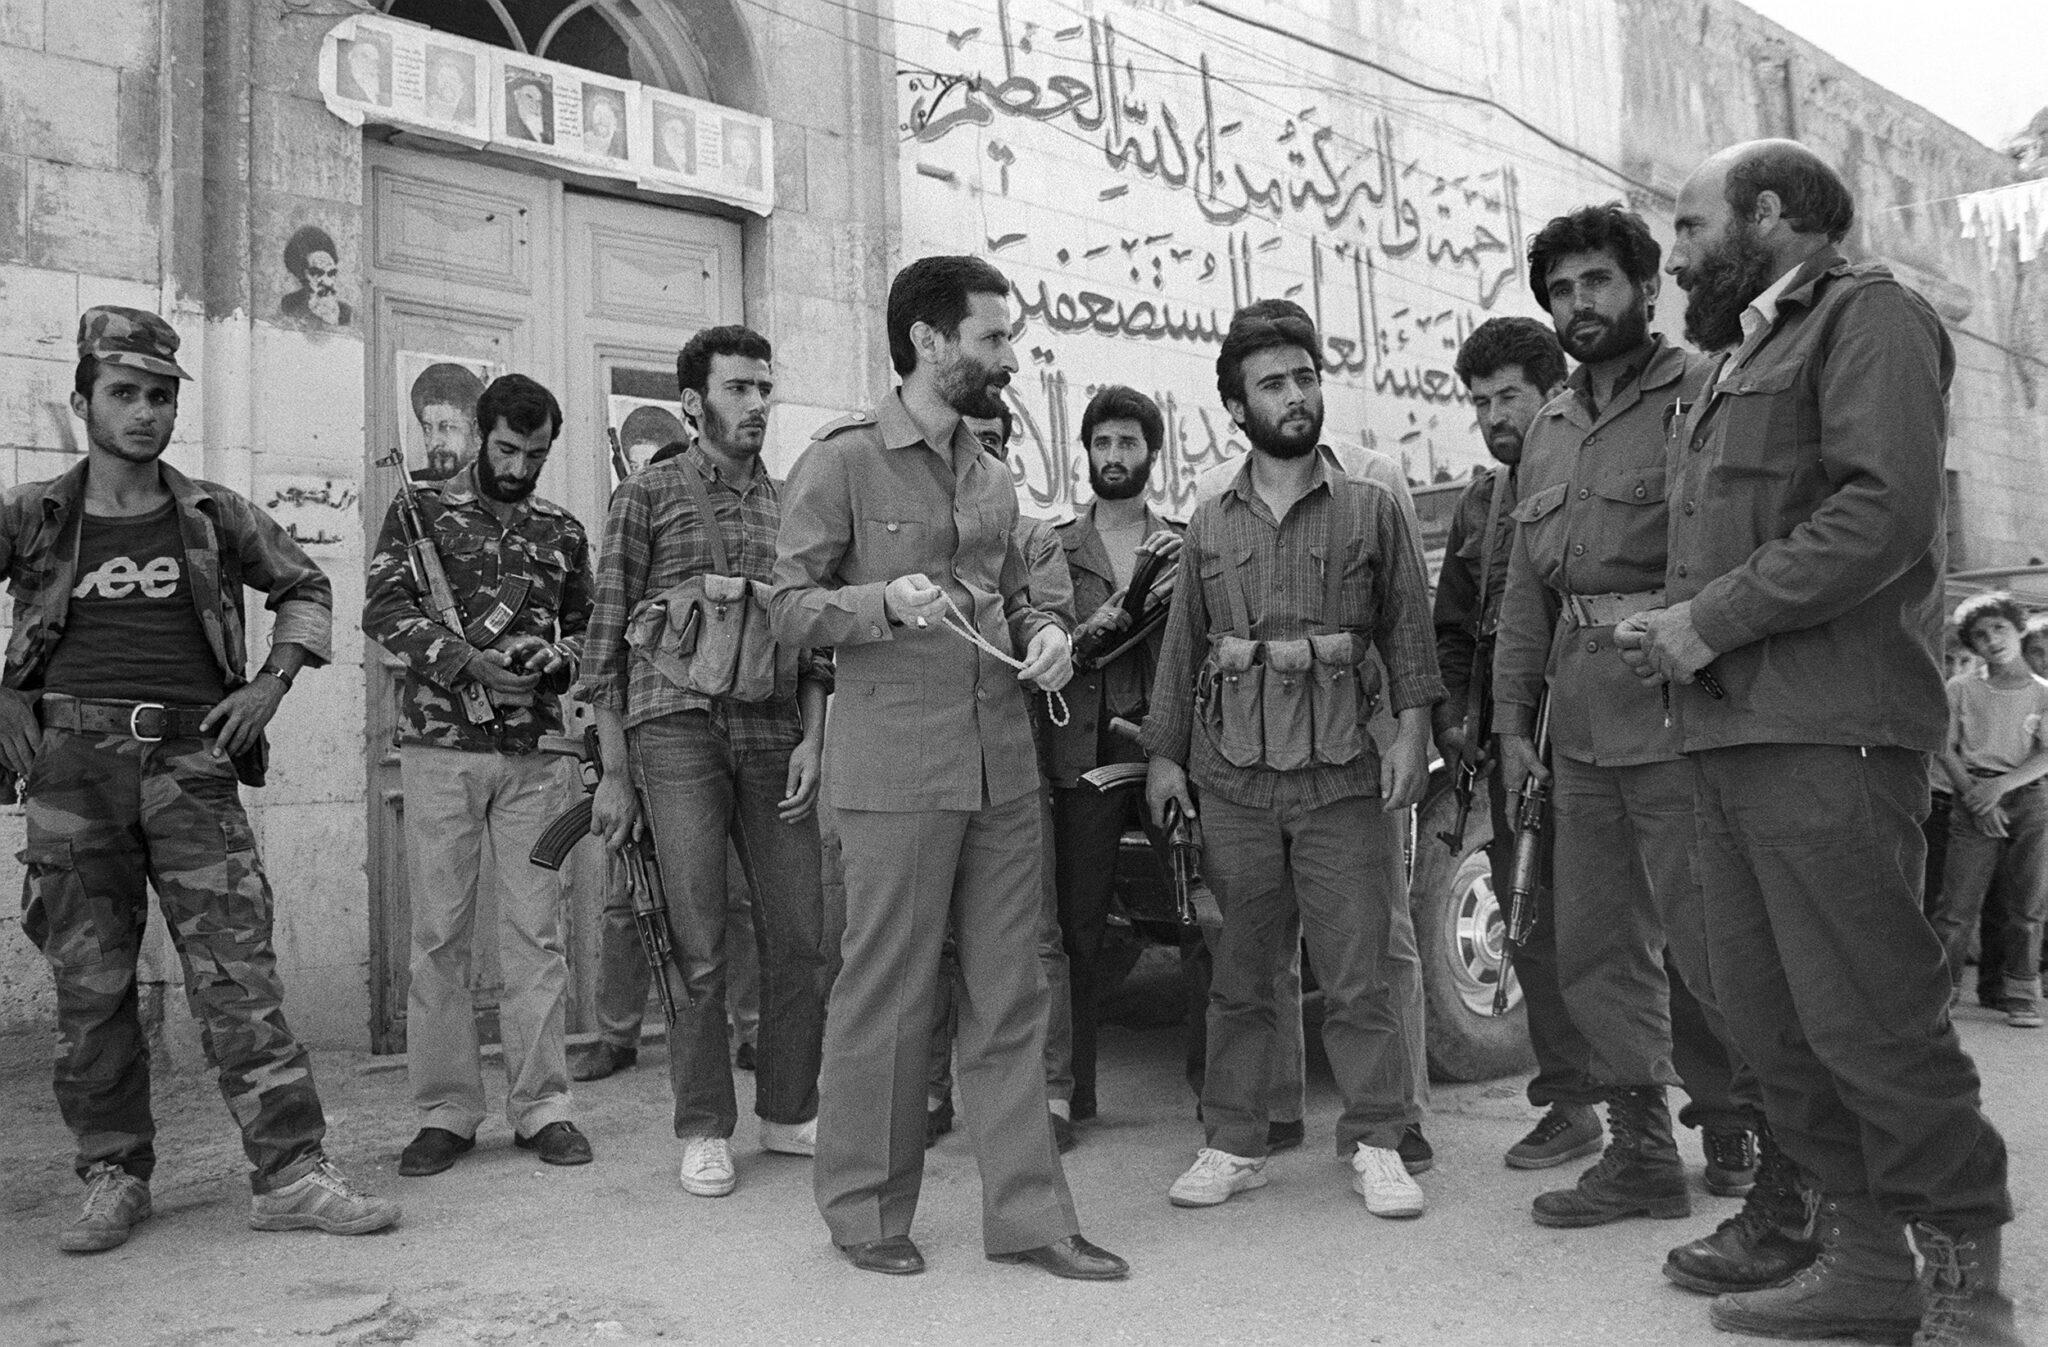 Lebanon military